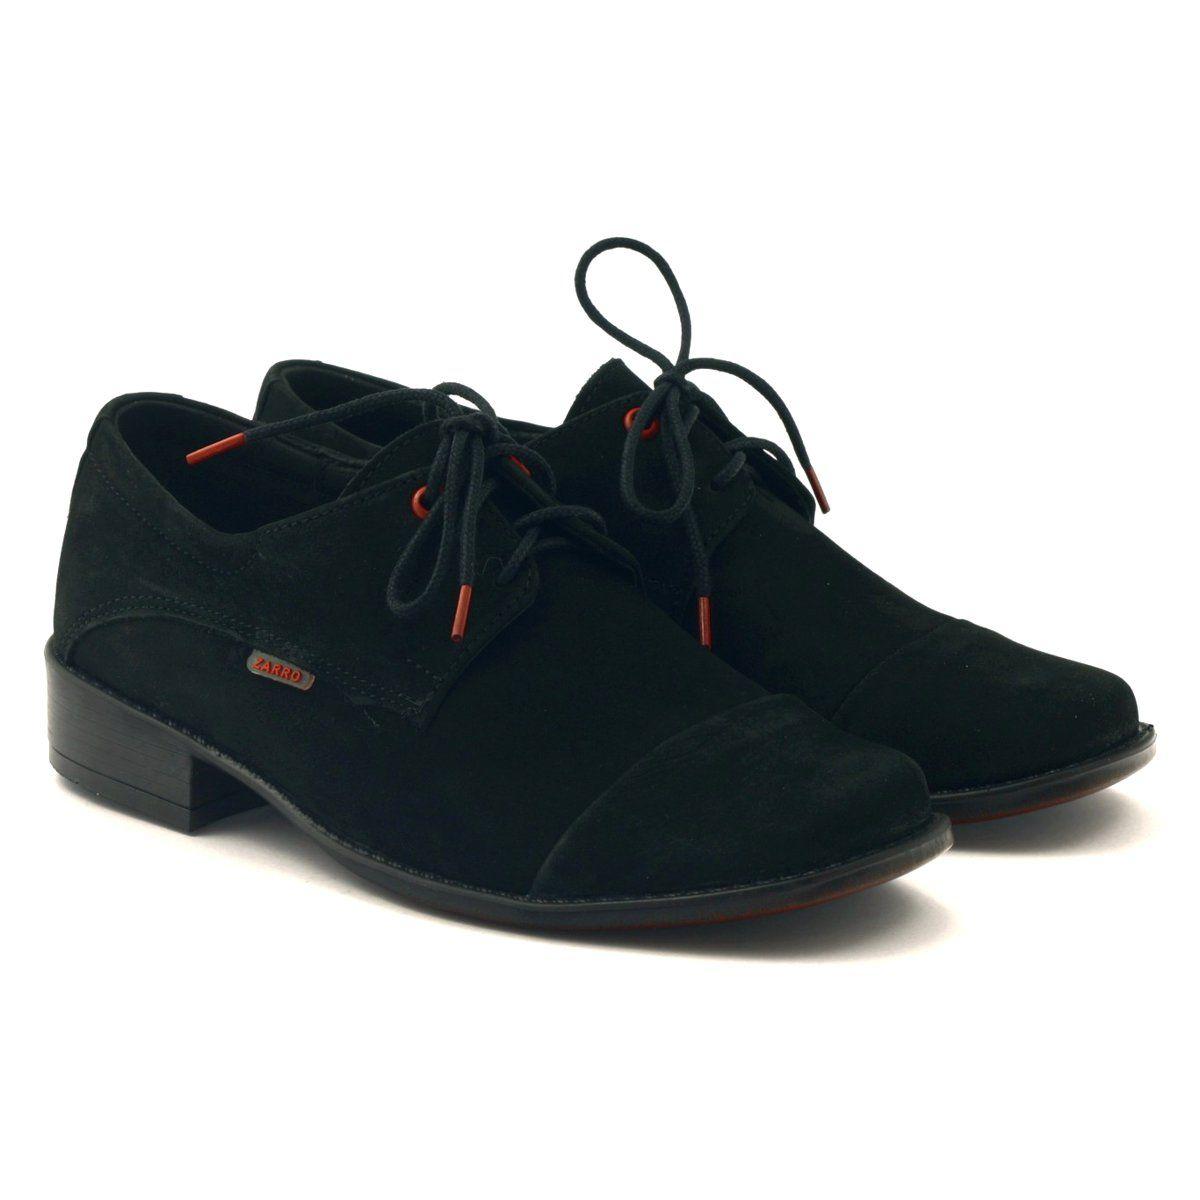 Polbuty I Trzewiki Dzieciece Dla Dzieci Zarro Czerwone Polbuty Skorzane Chlopiece Zamszowe Czarne Childrens Leather Shoes Black Shoes Childrens Shoes